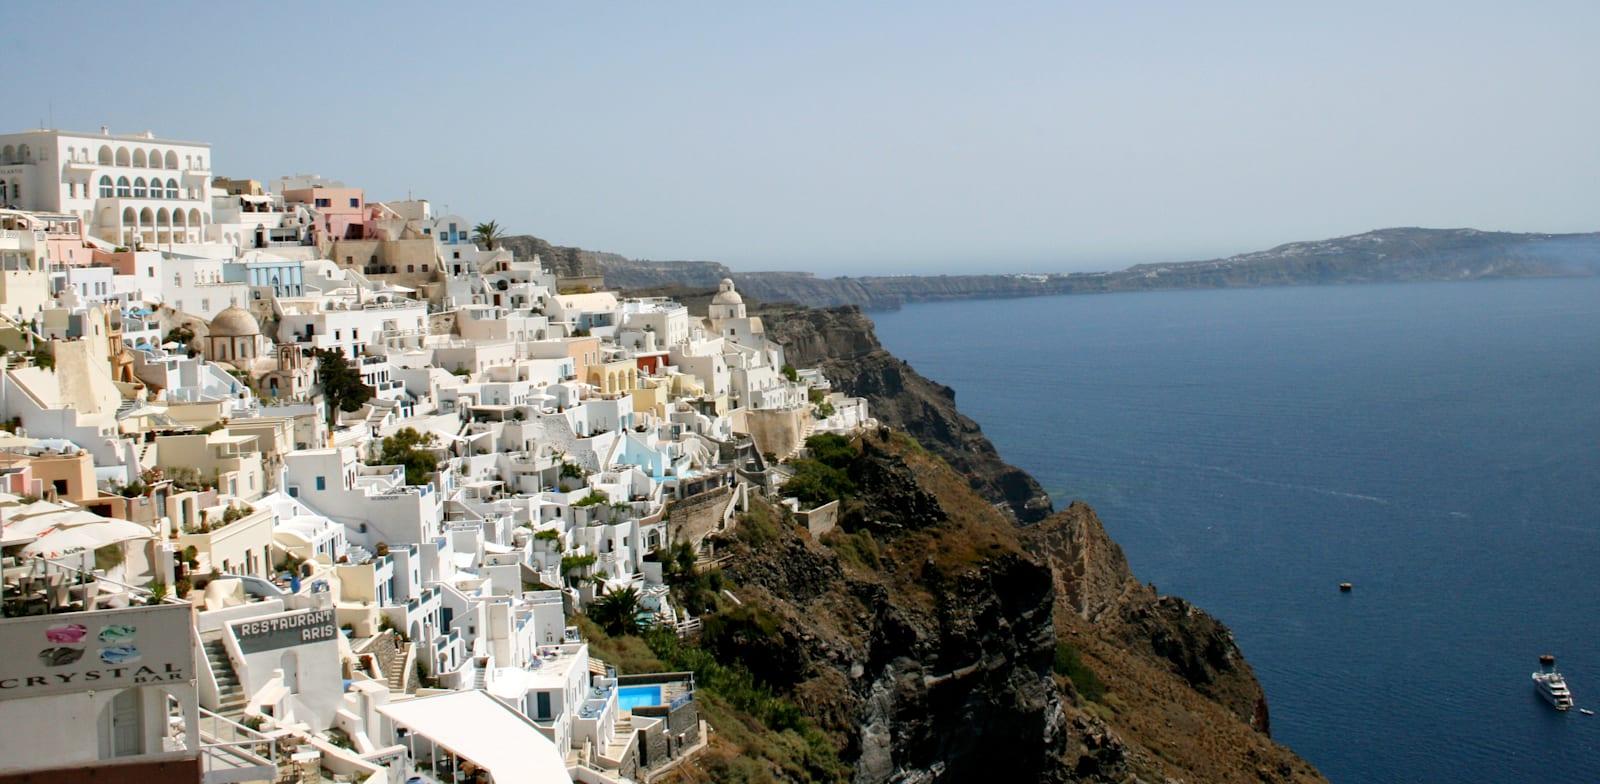 האי סנטוריני ביוון. נוסעים רבים לא קיבלו את כספם גם אחרי יותר מ־90 יום / צילום: Associated Press, Kristi Eaton